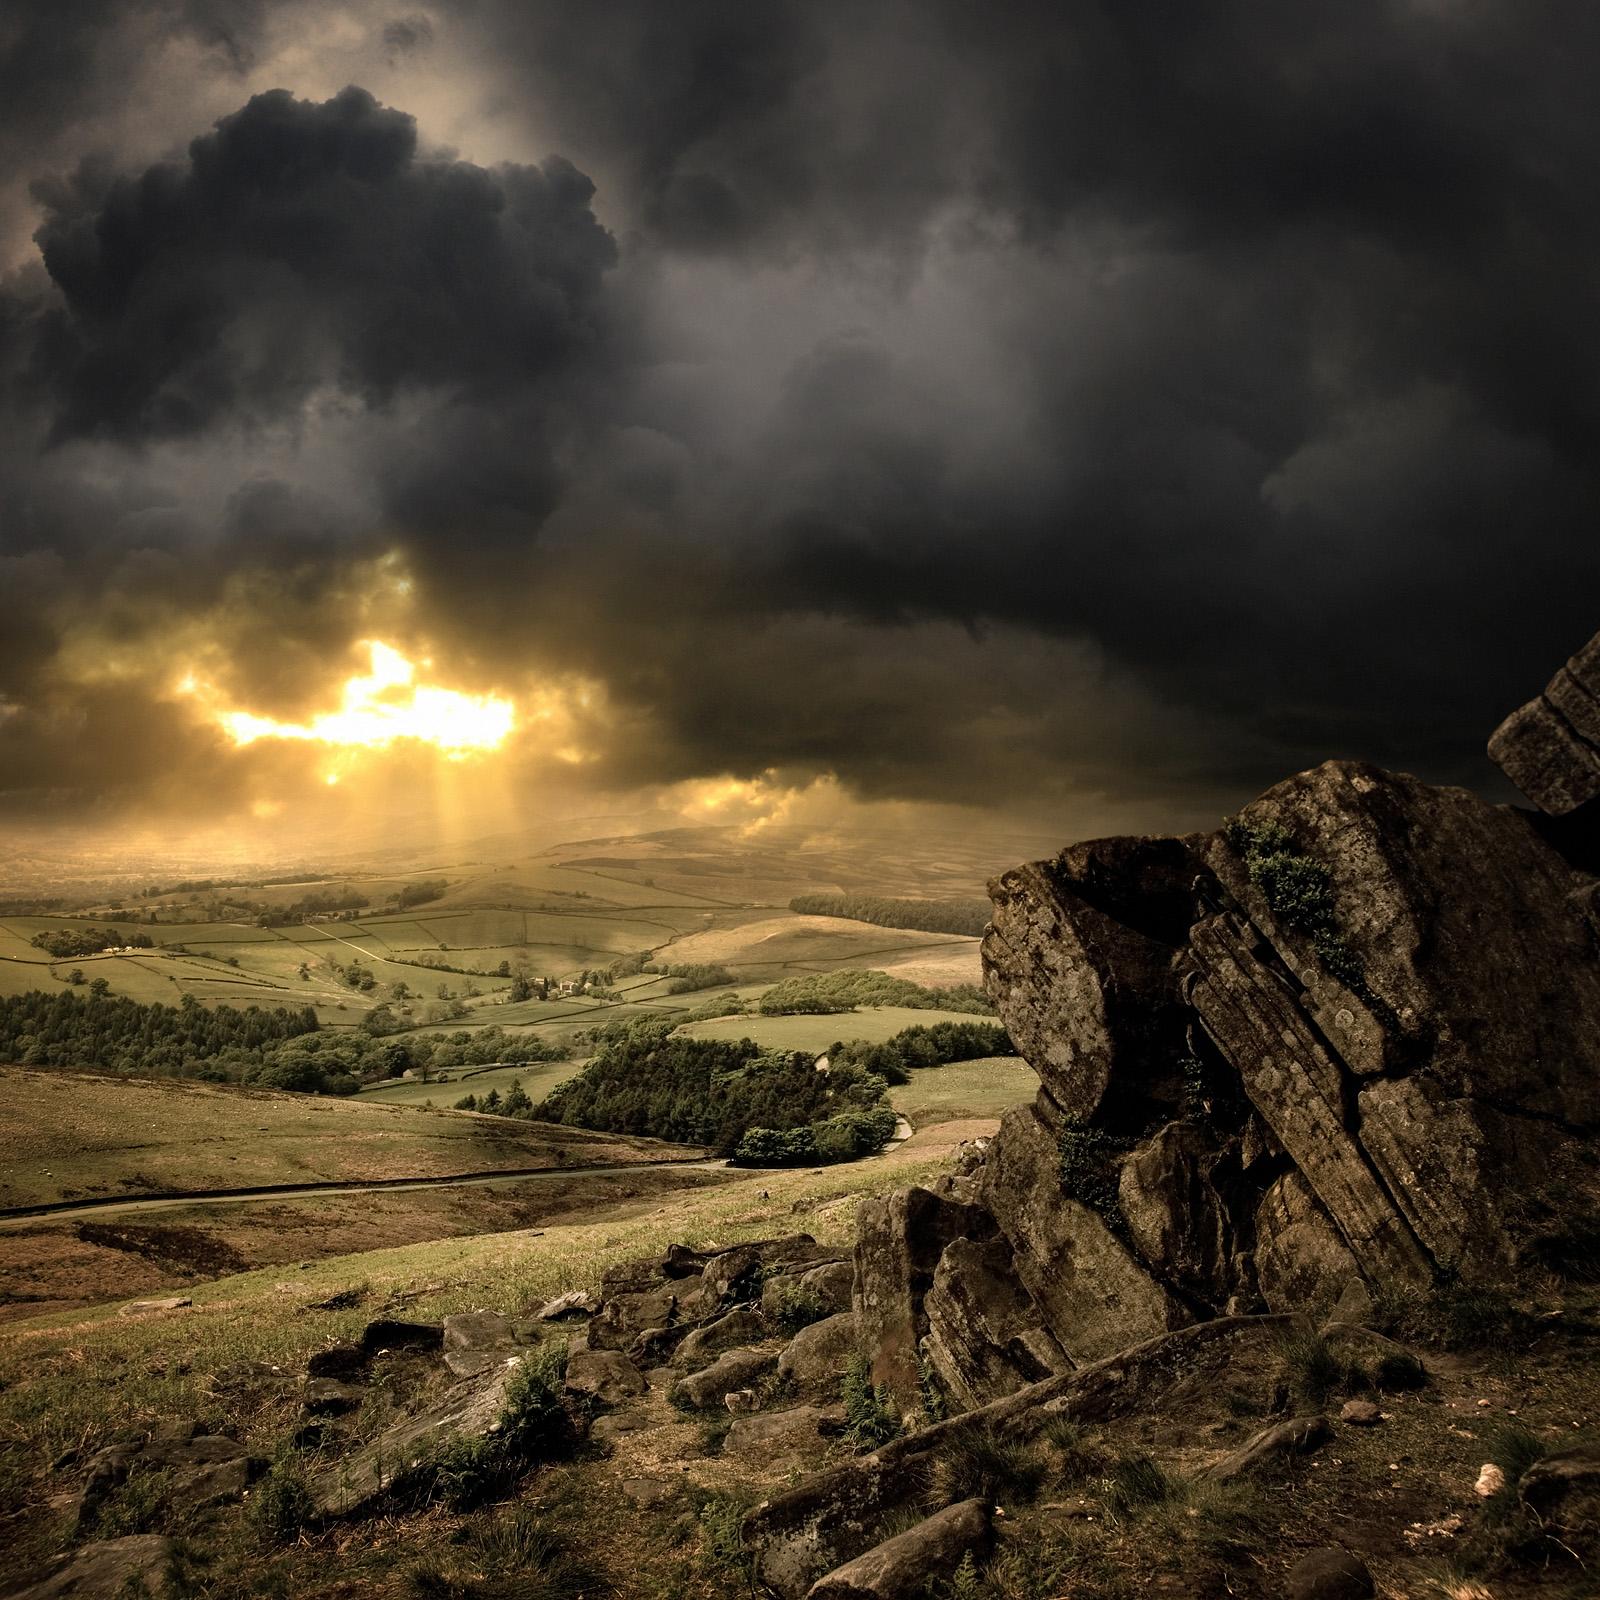 高清风景素材-地产设计风景; 田野乌云密布; 精美的风光图片素材